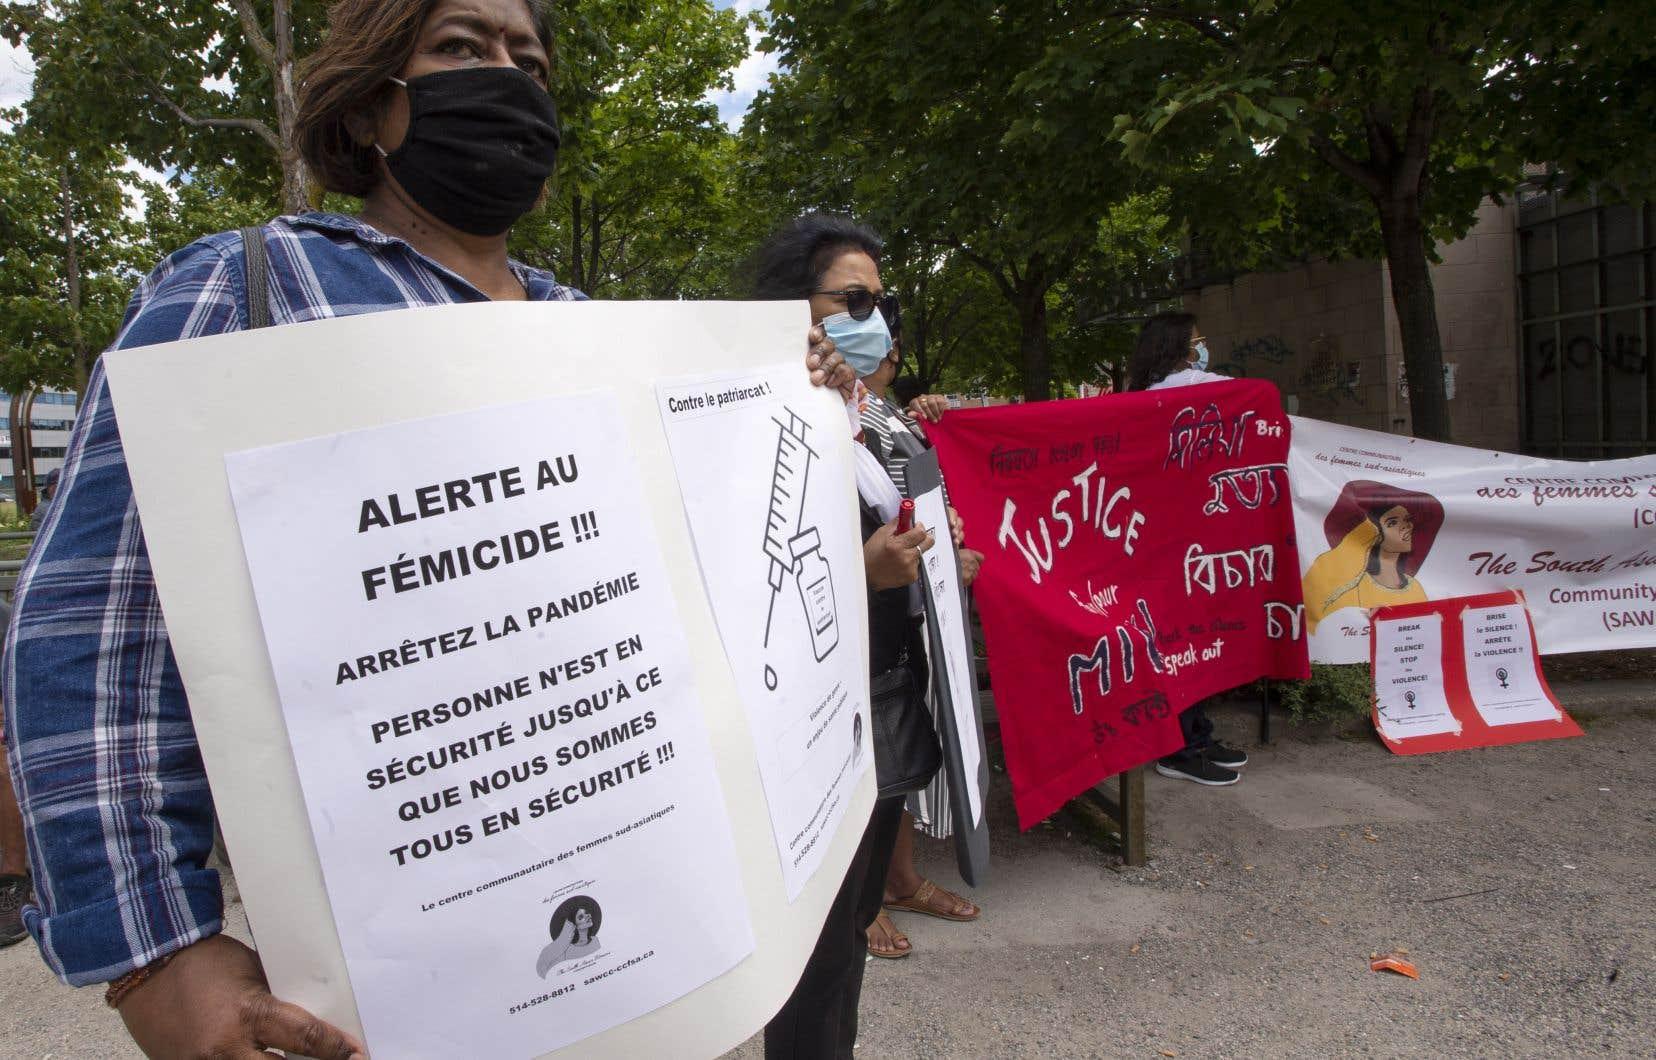 La manifestation était organisée parle Centre communautaire des femmes sud asiatiques et soutenue par le Comité d'action de Parc-Extension.